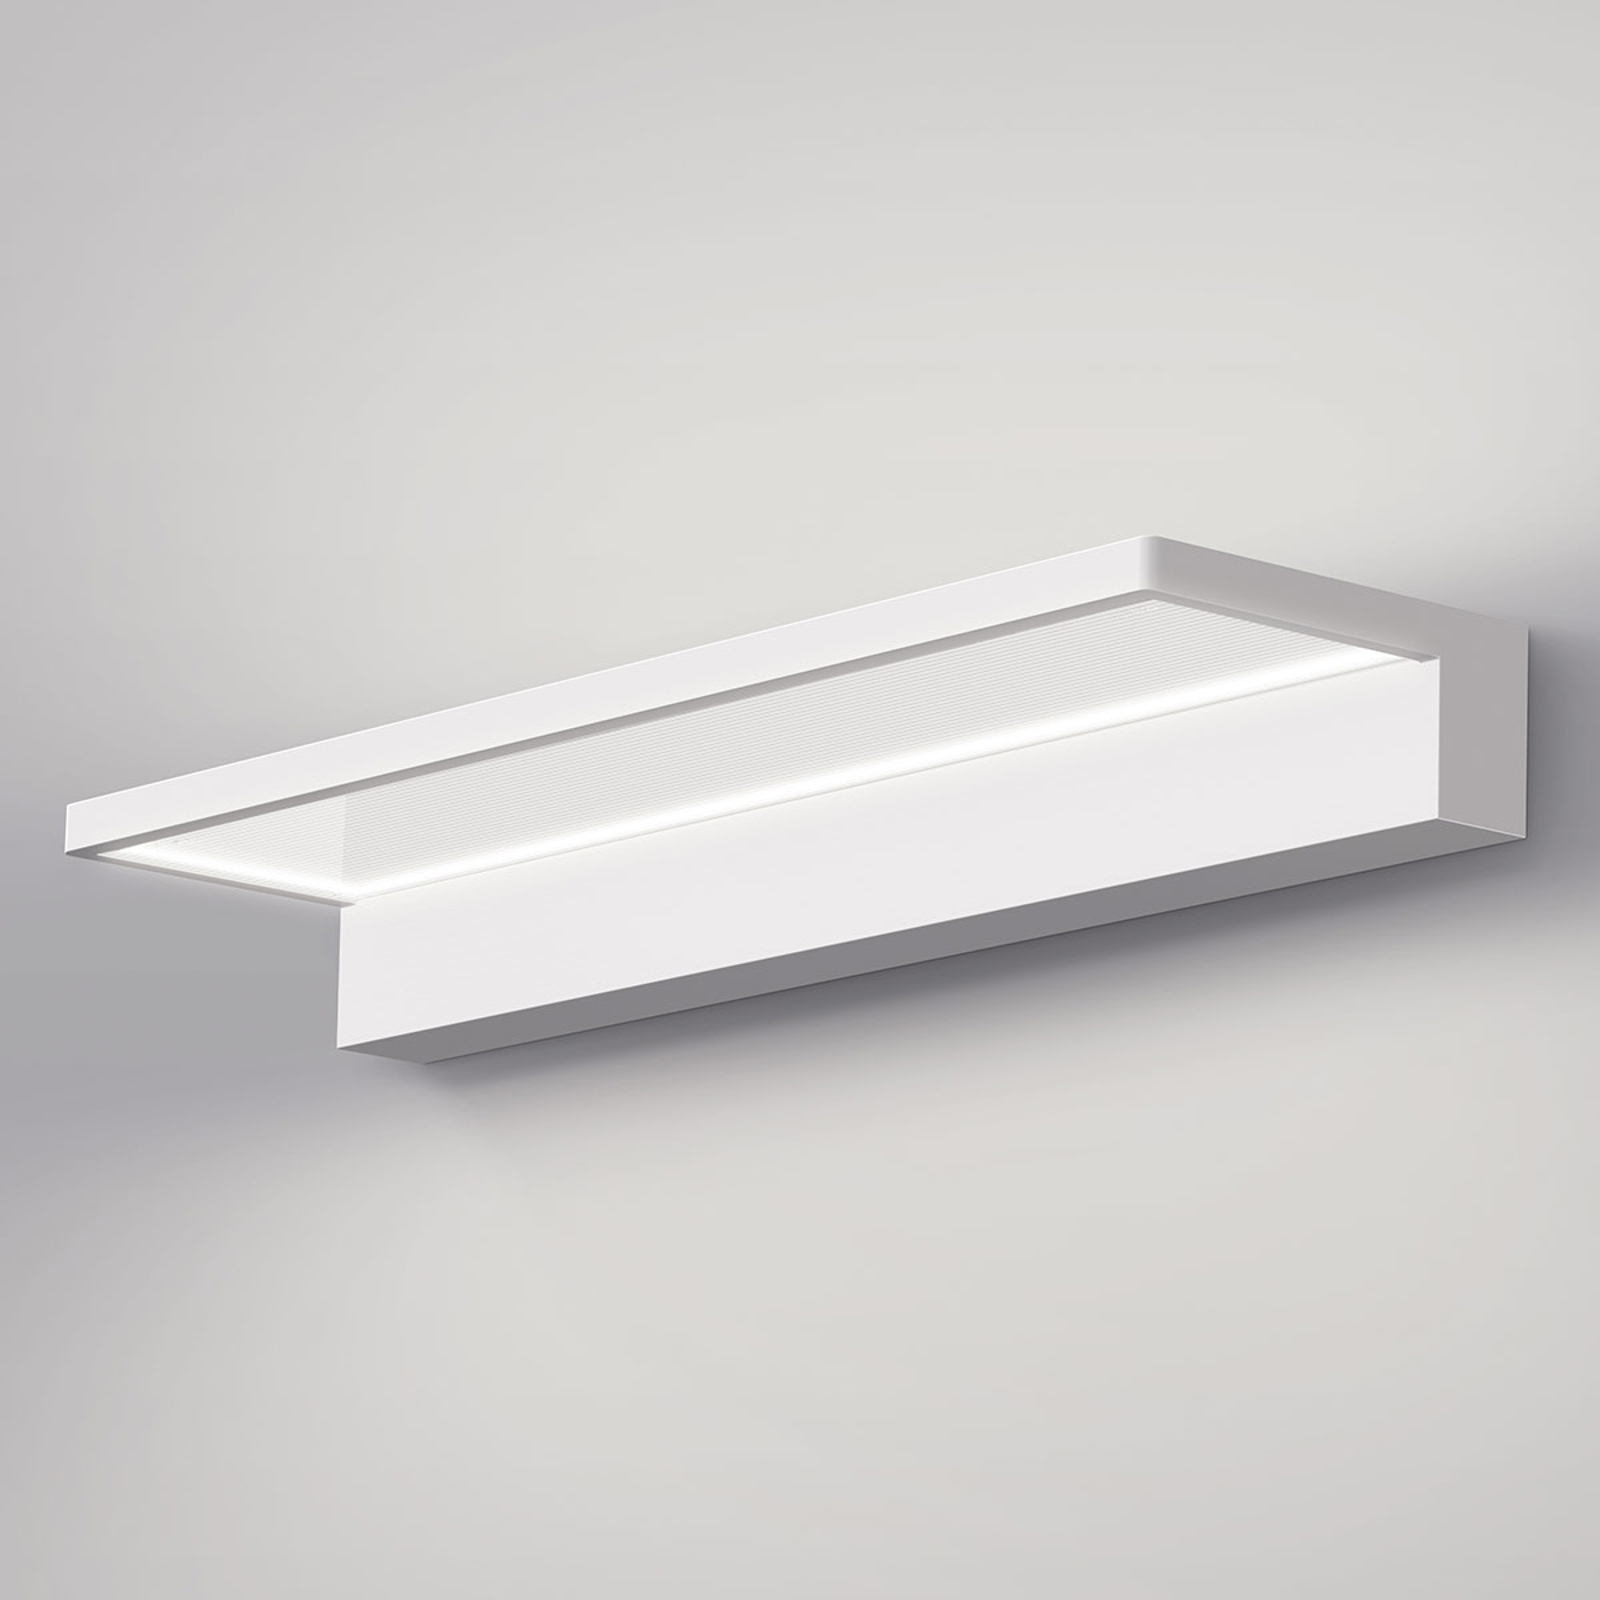 serien.lighting Crib Wall LED-vegglampe, hvit